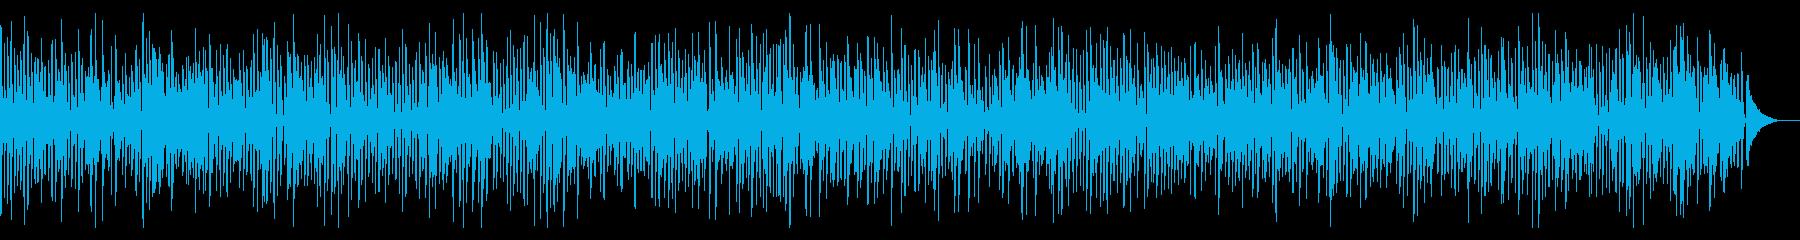 こぶたのうた風レトロかわいいジャズピアノの再生済みの波形